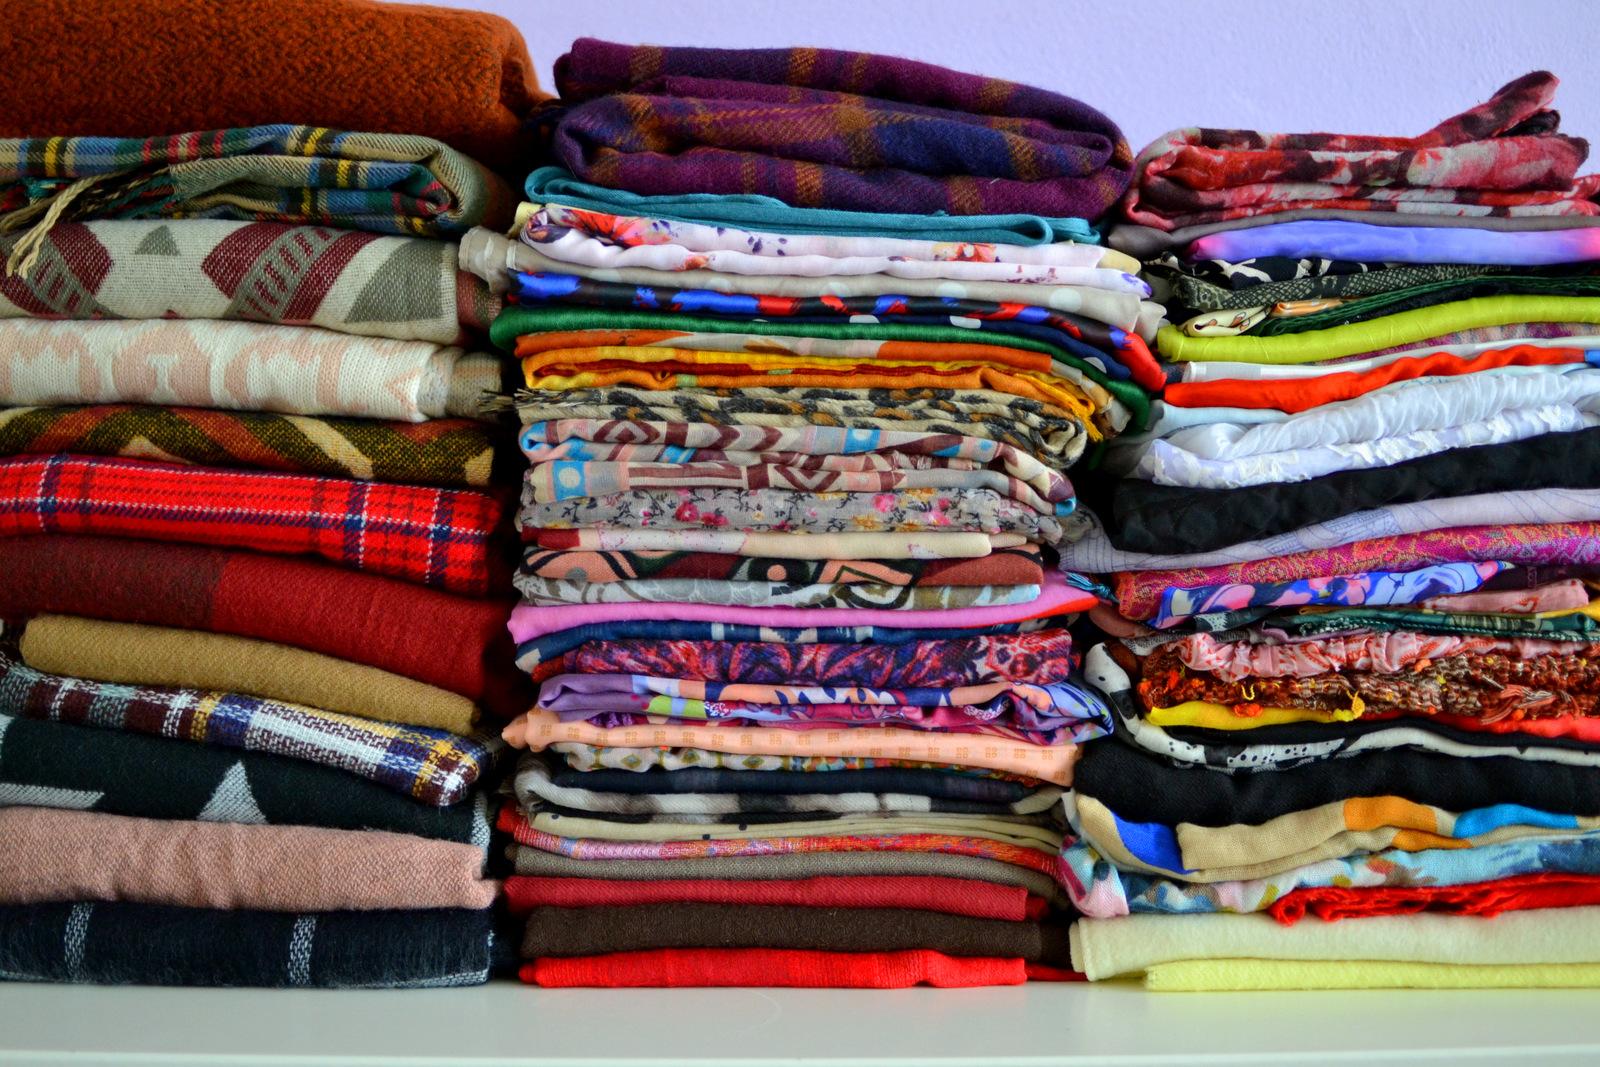 b4e14ebbc šatka ako môj najobľúbenejší módny doplnok // my collection of scarf. Svoju  zbierku šatiek a šálov som ...